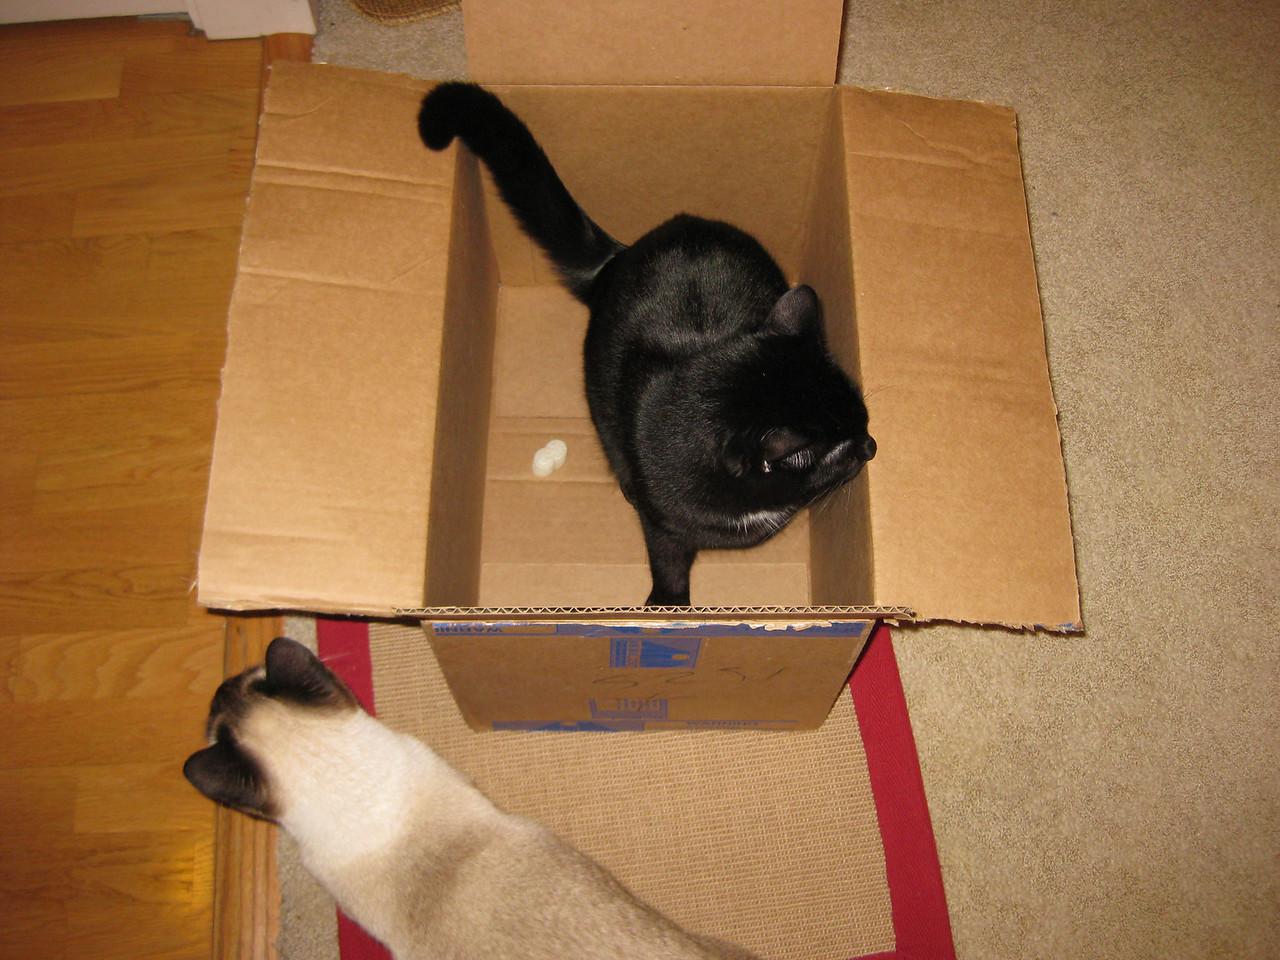 Boxes, shiny boxes